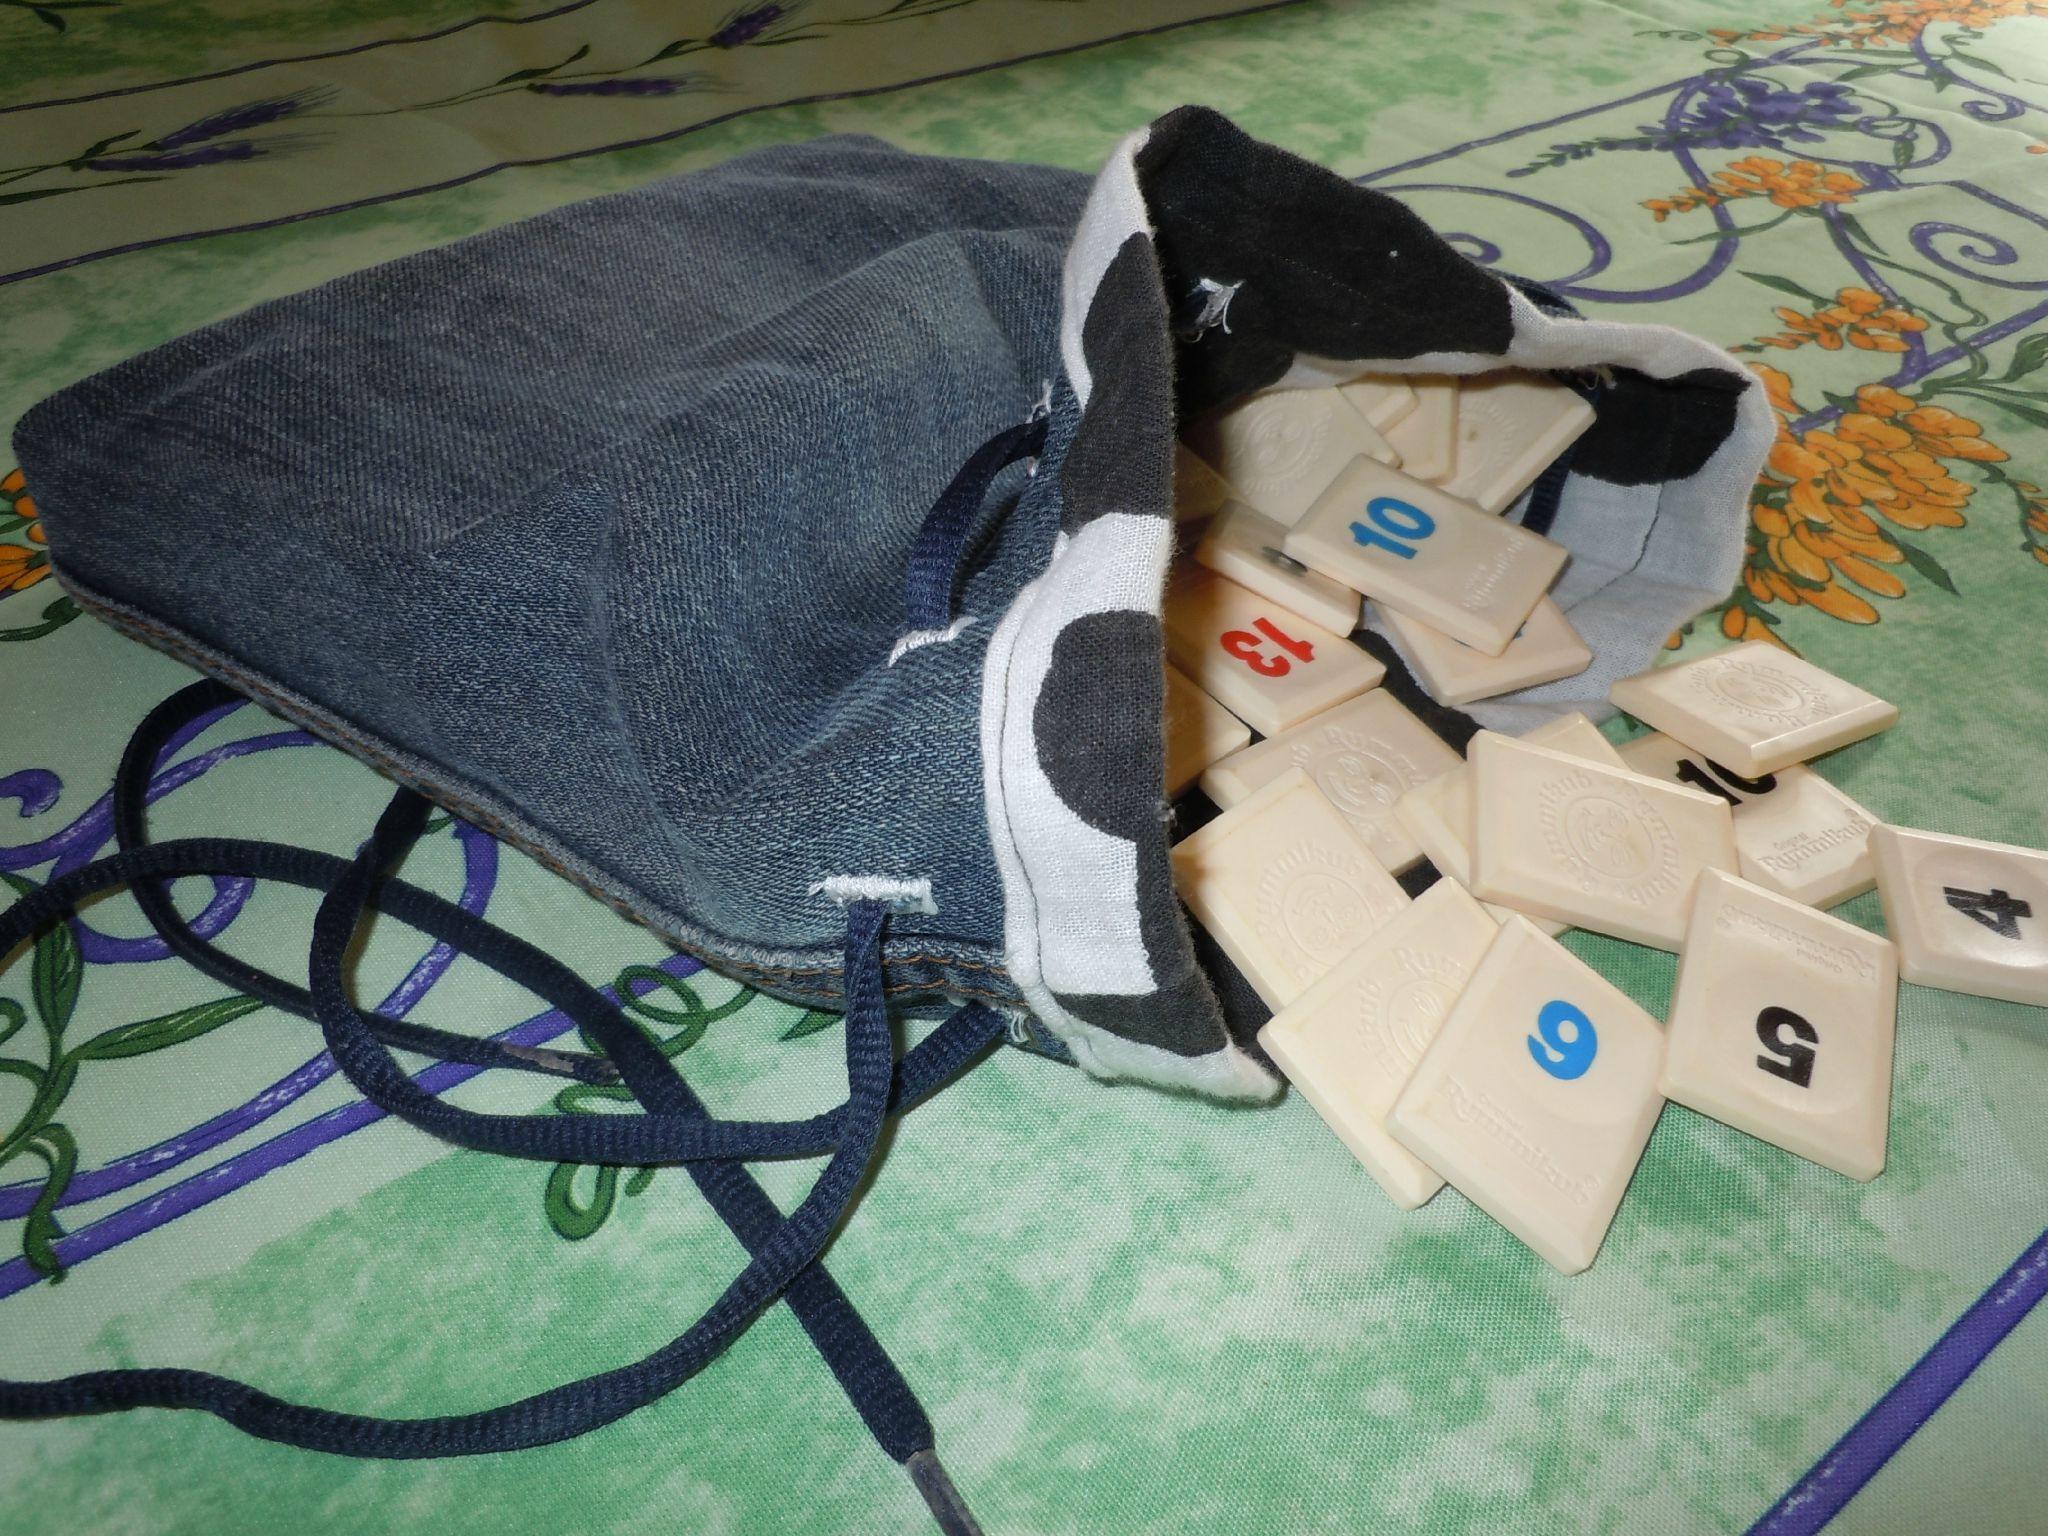 Petit sac en free, tuto inside! Recyclez vos vieux linges usés...